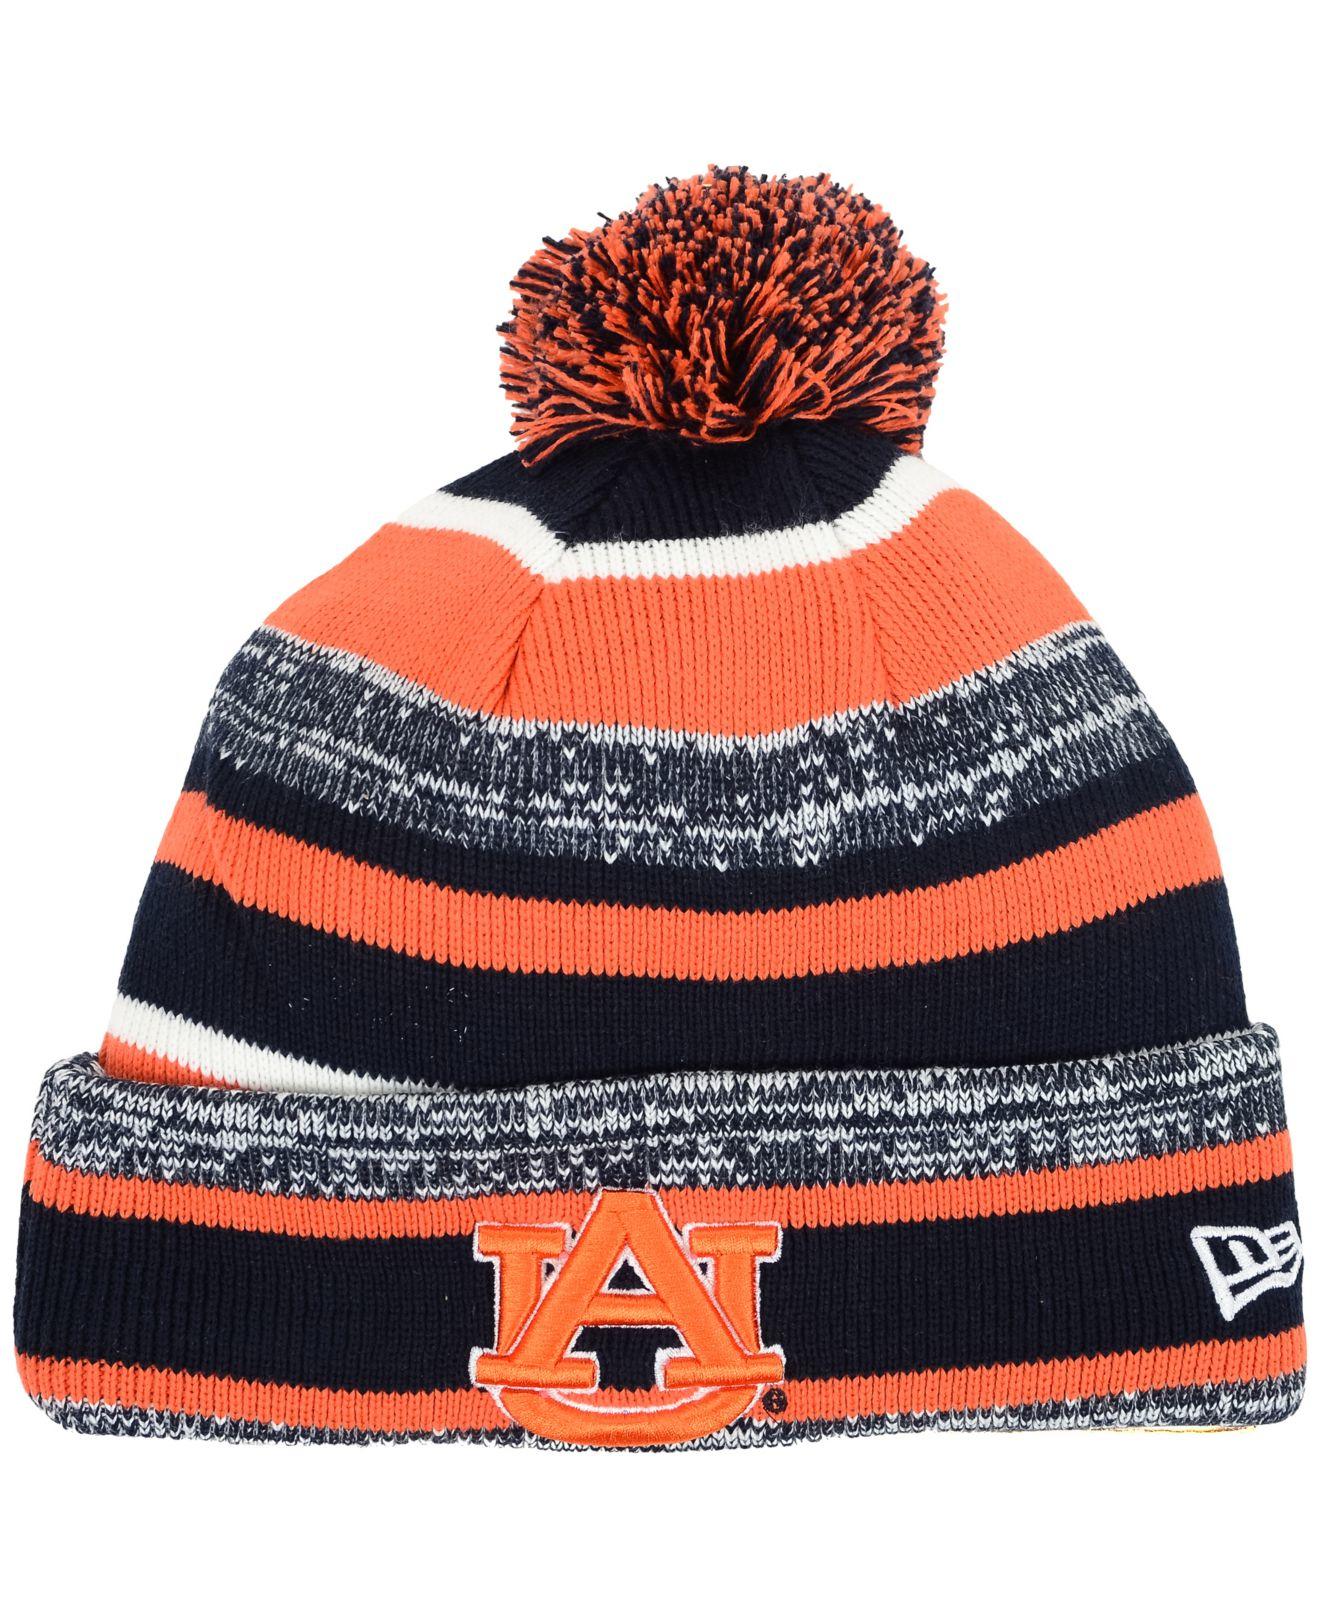 a42e8d78542edb ... closeout lyst ktz auburn tigers sport knit hat in blue for men e176b  98619